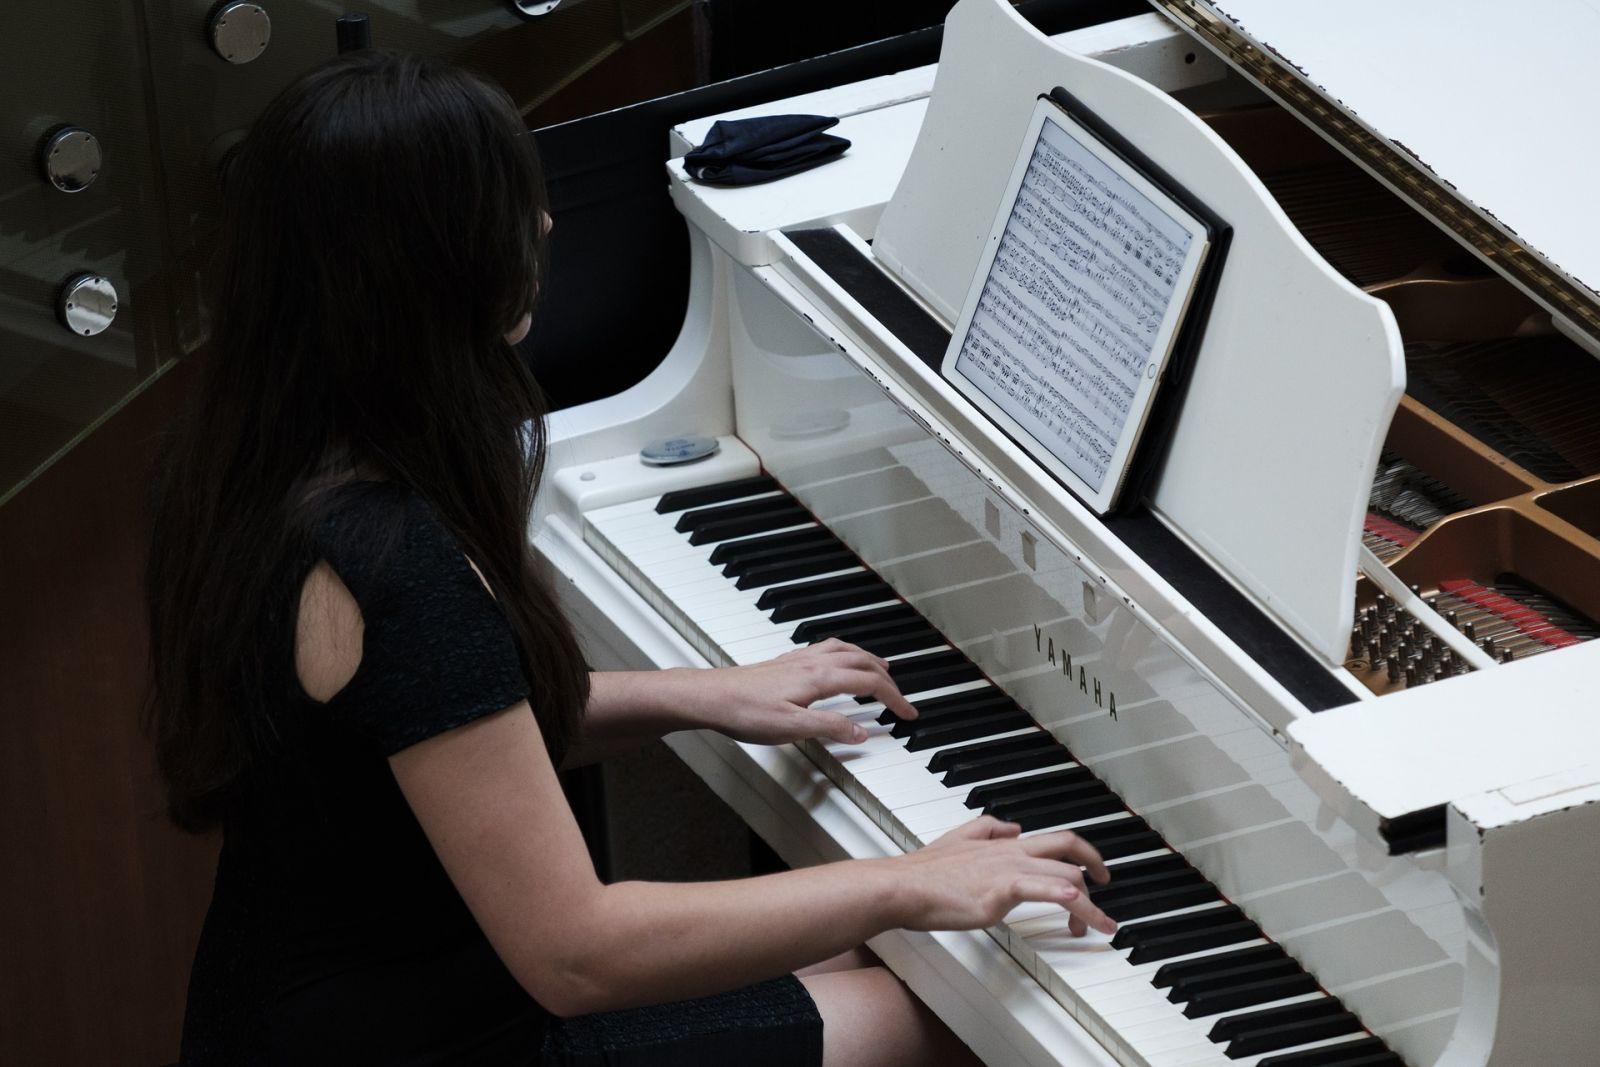 Le piano, une philosophie de vie